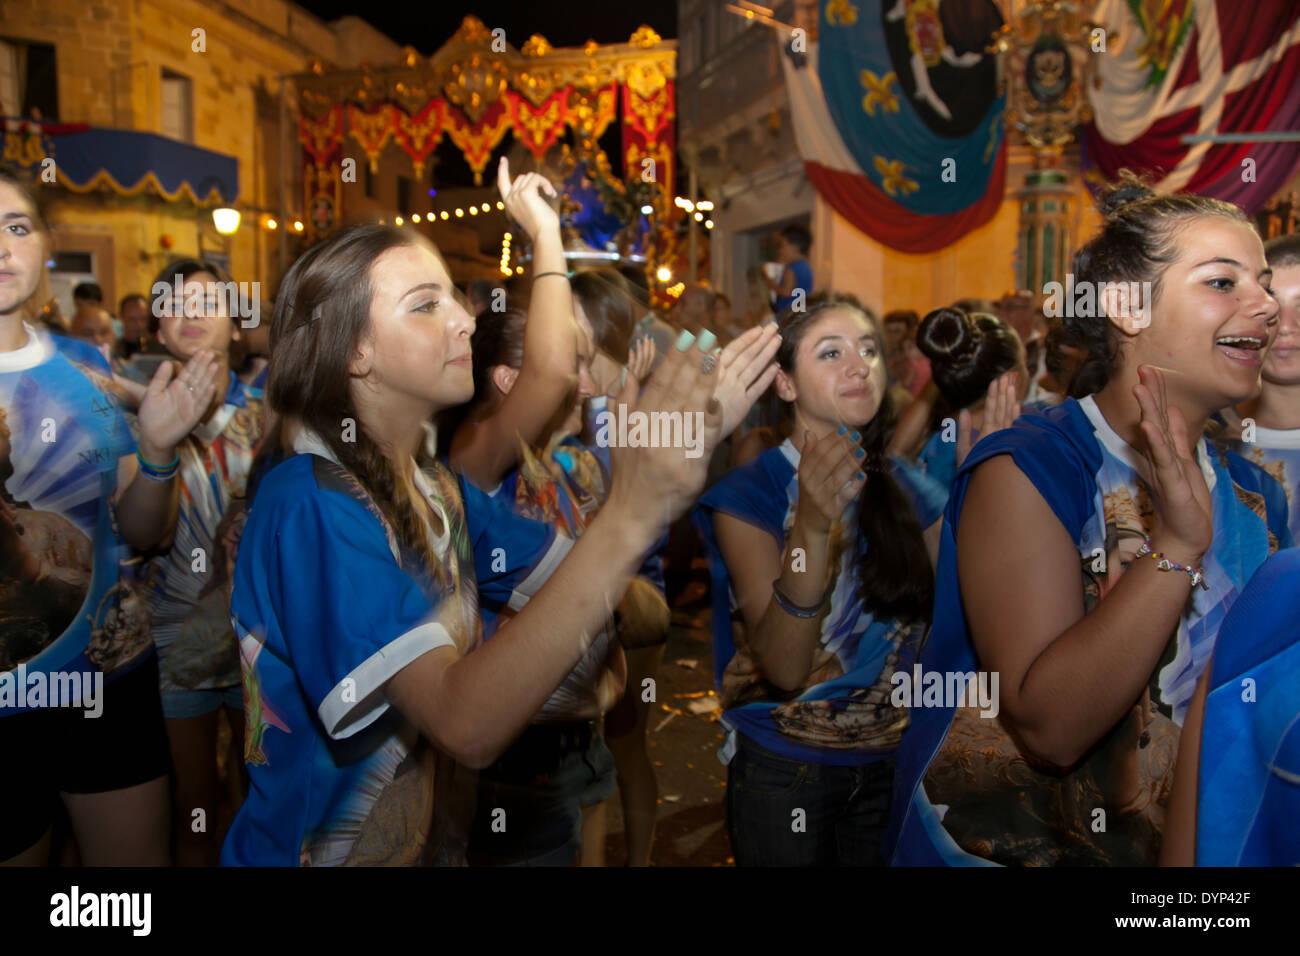 Les jeunes femmes clap et de la danse à la musique de fanfare au cours d'une ville traditionnelle fête à Malte. Photo Stock